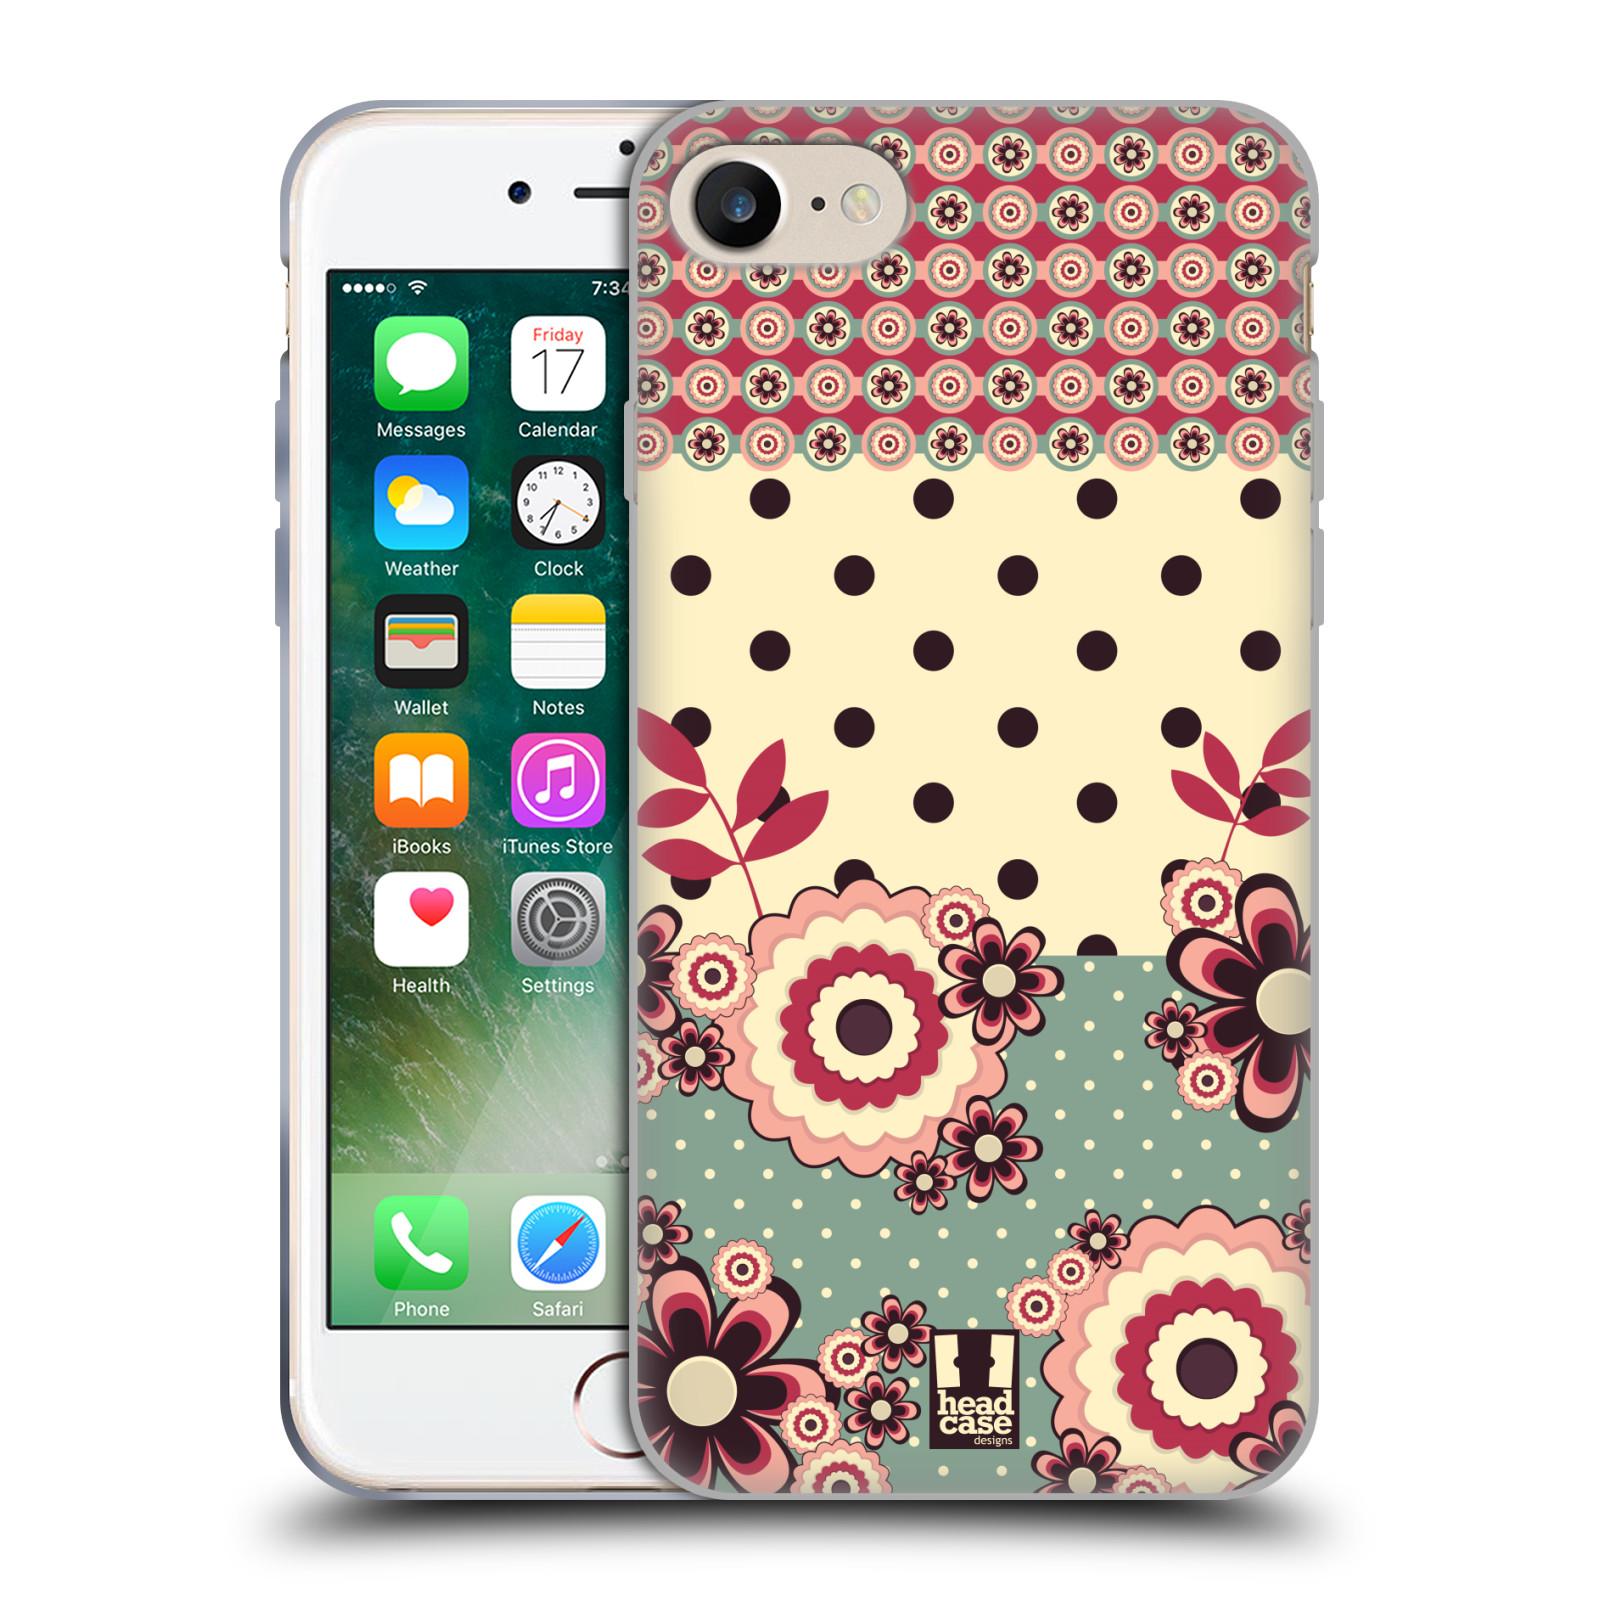 Silikonové pouzdro na mobil Apple iPhone 7 HEAD CASE KVÍTKA PINK CREAM (Silikonový kryt či obal na mobilní telefon Apple iPhone 7)